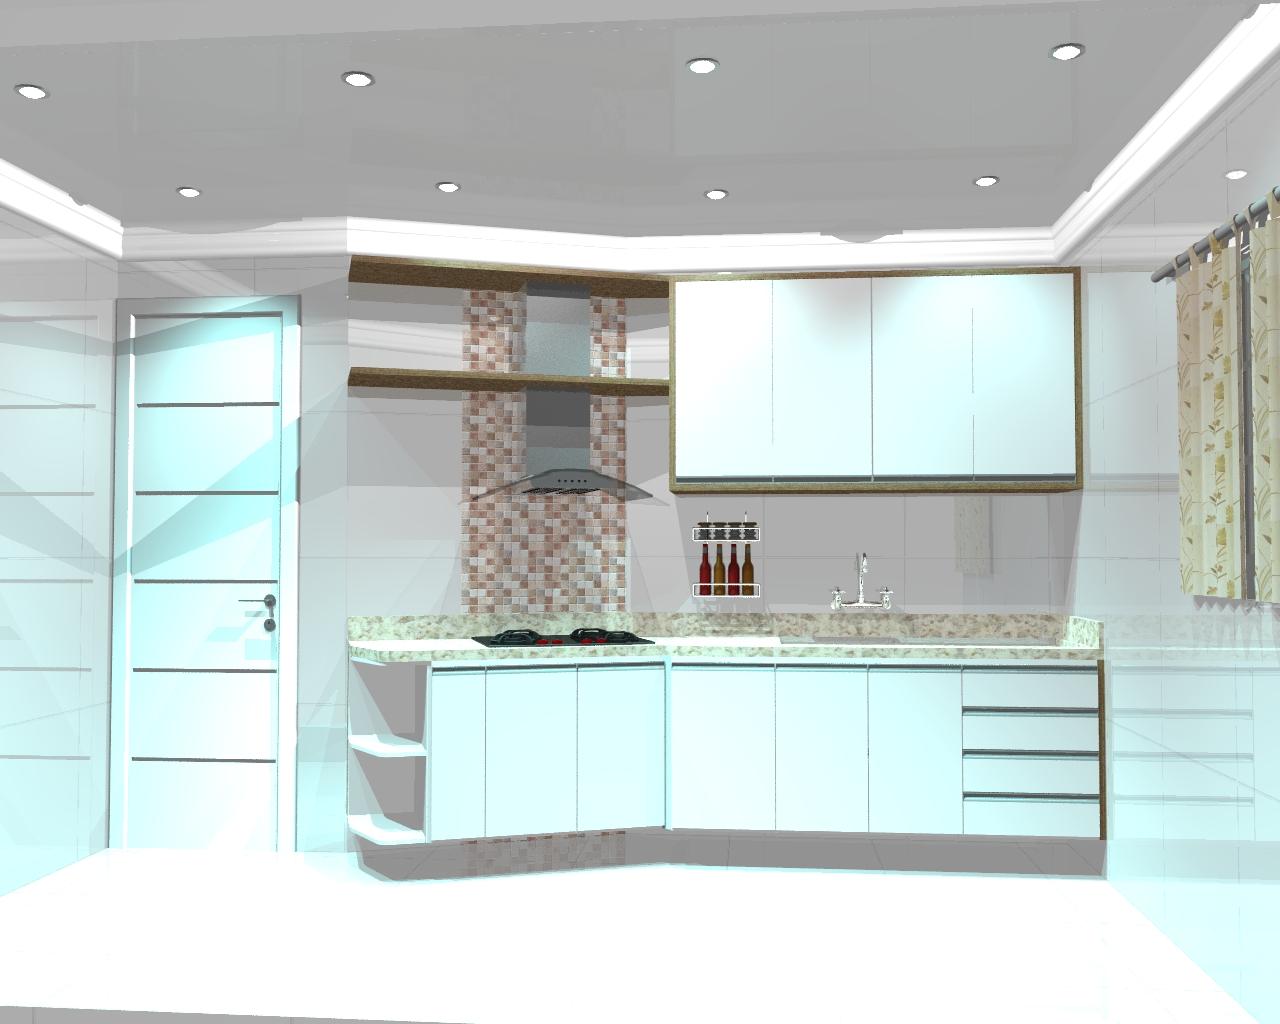 #5E4937 Cozinha com uma visão mais moderna com gavetões torre e ilha. 1280x1024 px Projetos De Cozinhas Planejadas Italinea #709 imagens